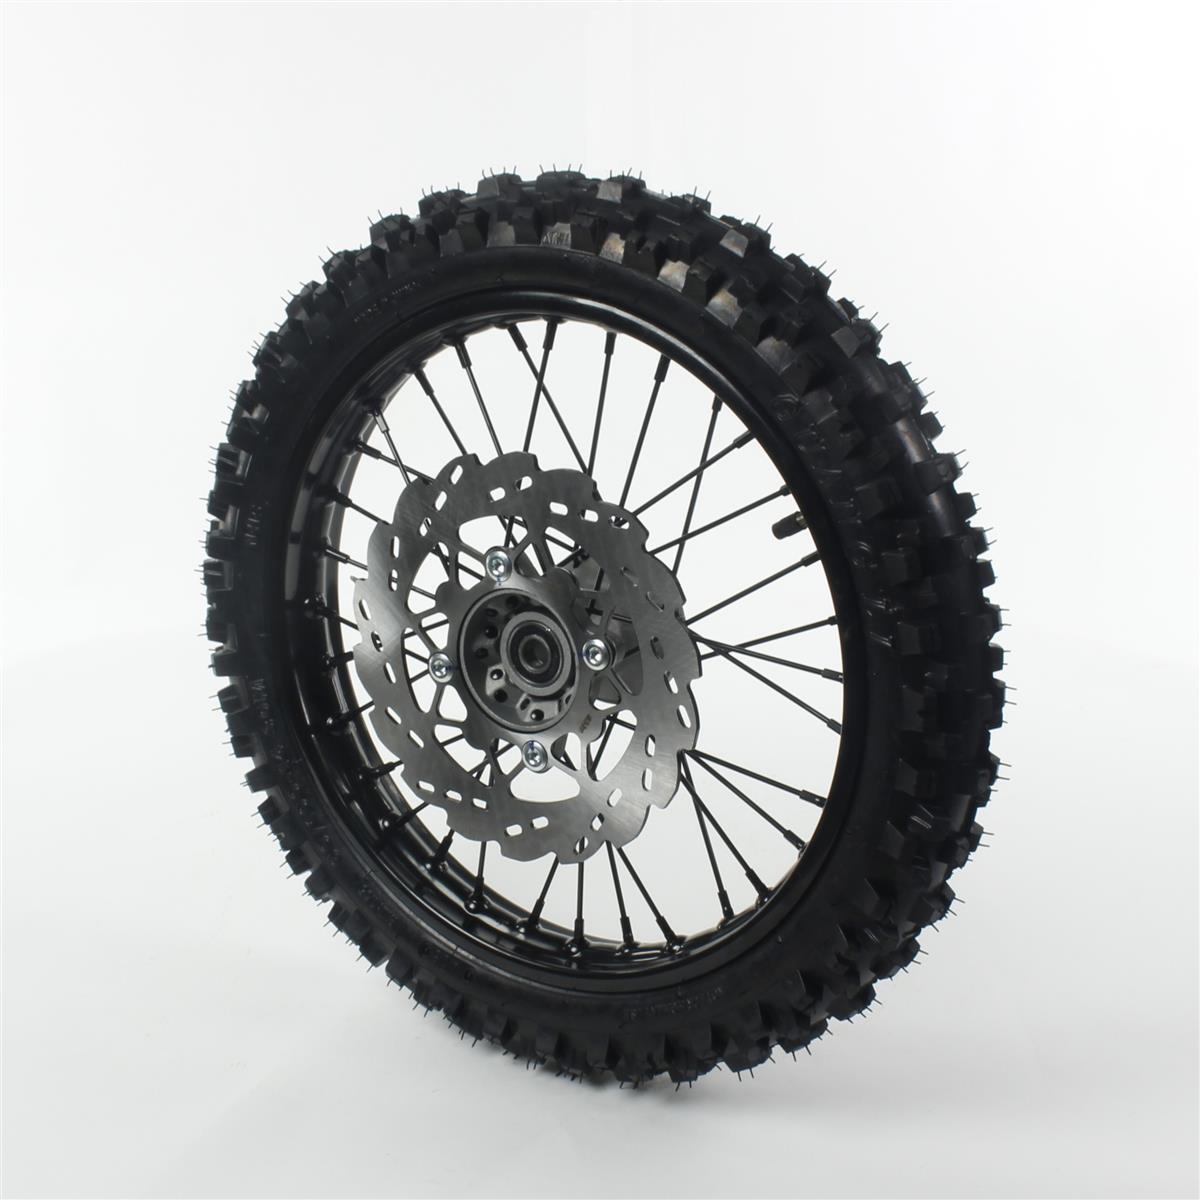 roue complete avant acier pneu guangli noire 14 diam tre 15 smallmx dirt bike pit bike. Black Bedroom Furniture Sets. Home Design Ideas